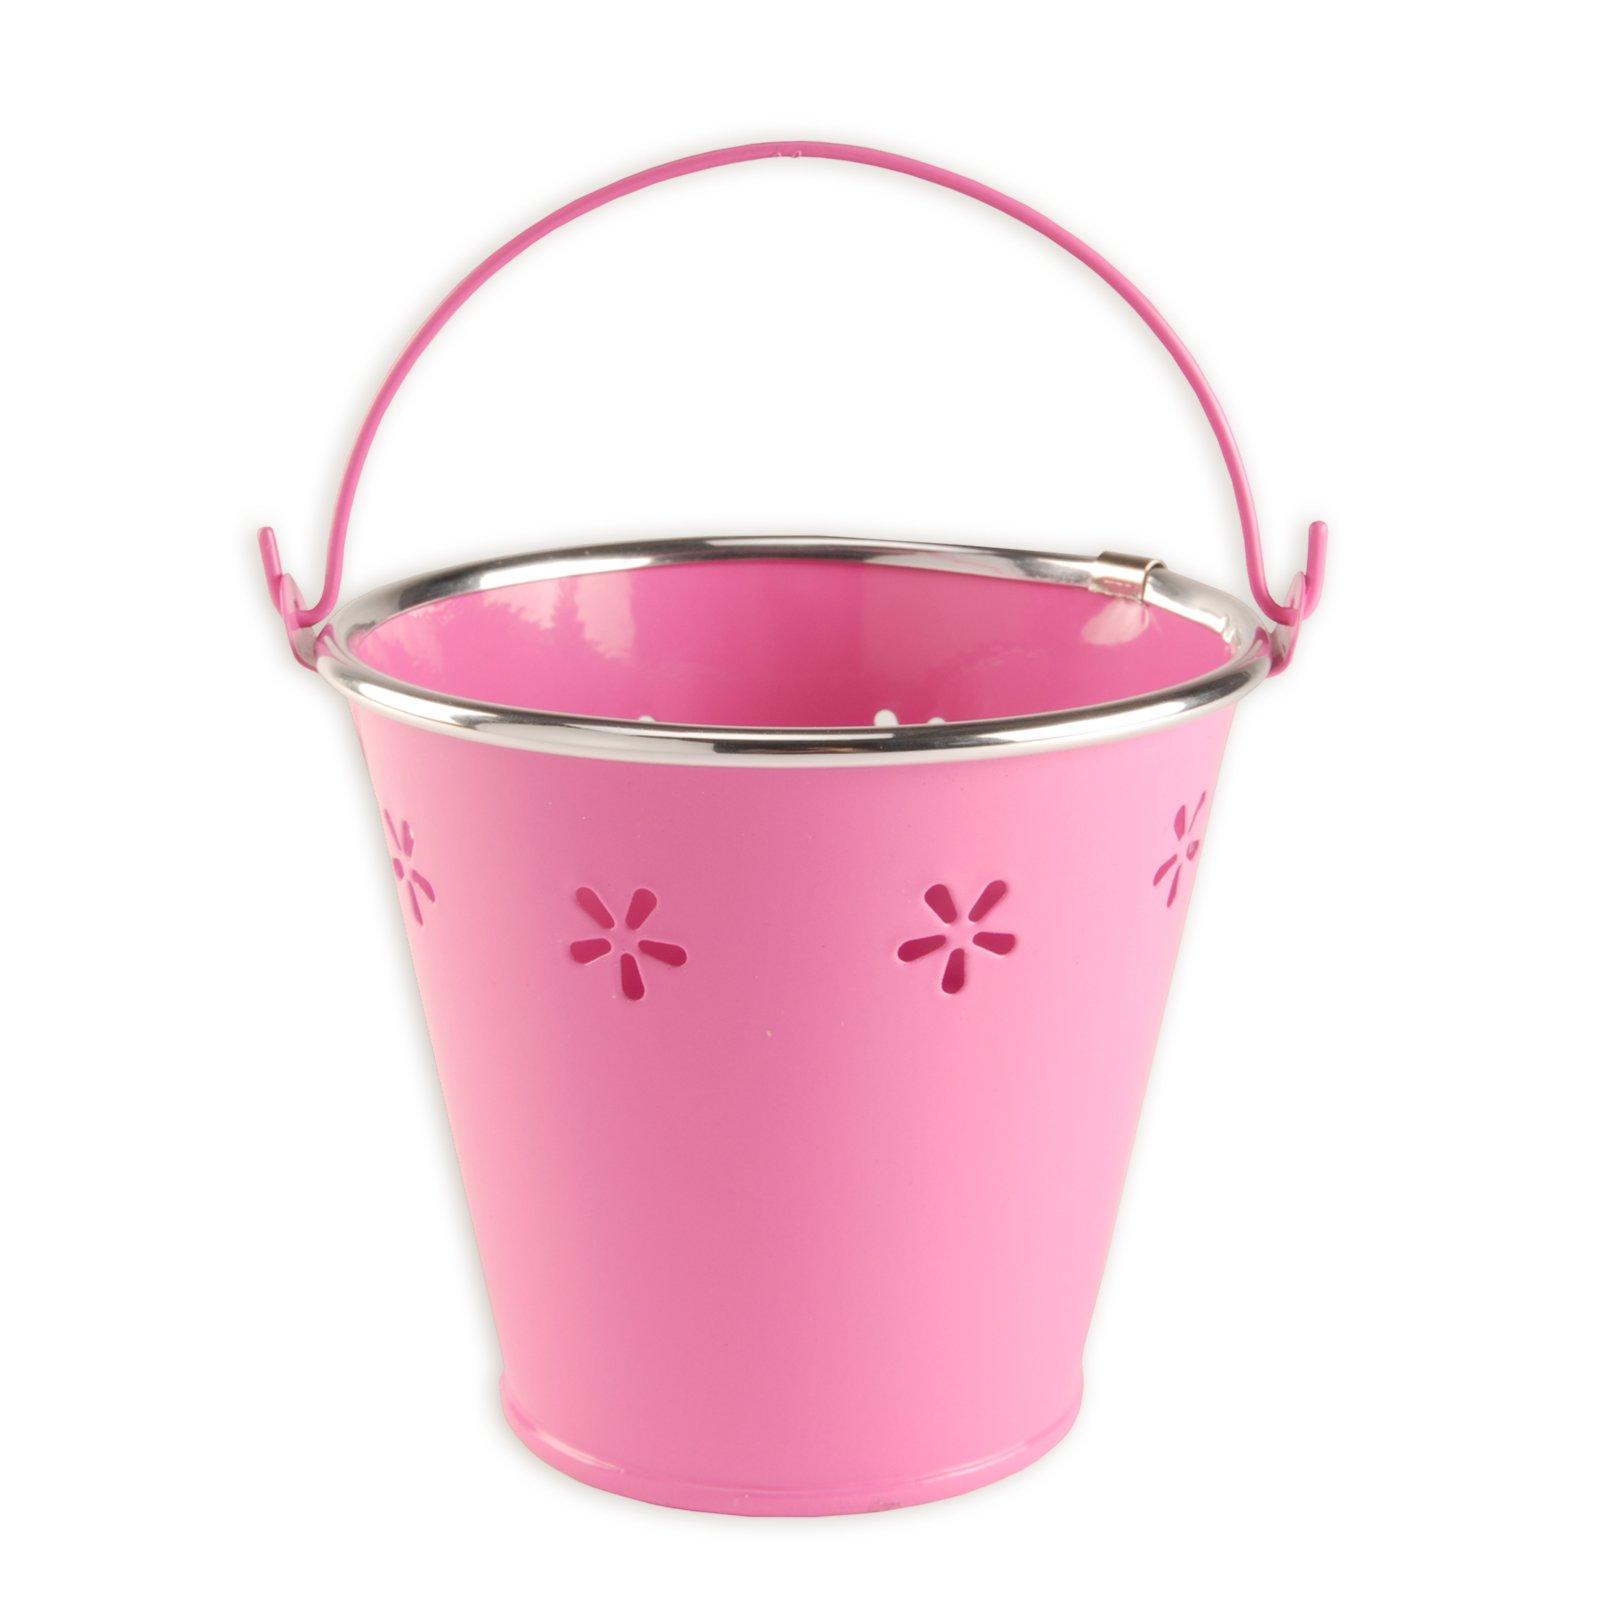 pflanzeimer mit henkel pink lochmuster blument pfe pflanzgef e garten m belhaus roller. Black Bedroom Furniture Sets. Home Design Ideas